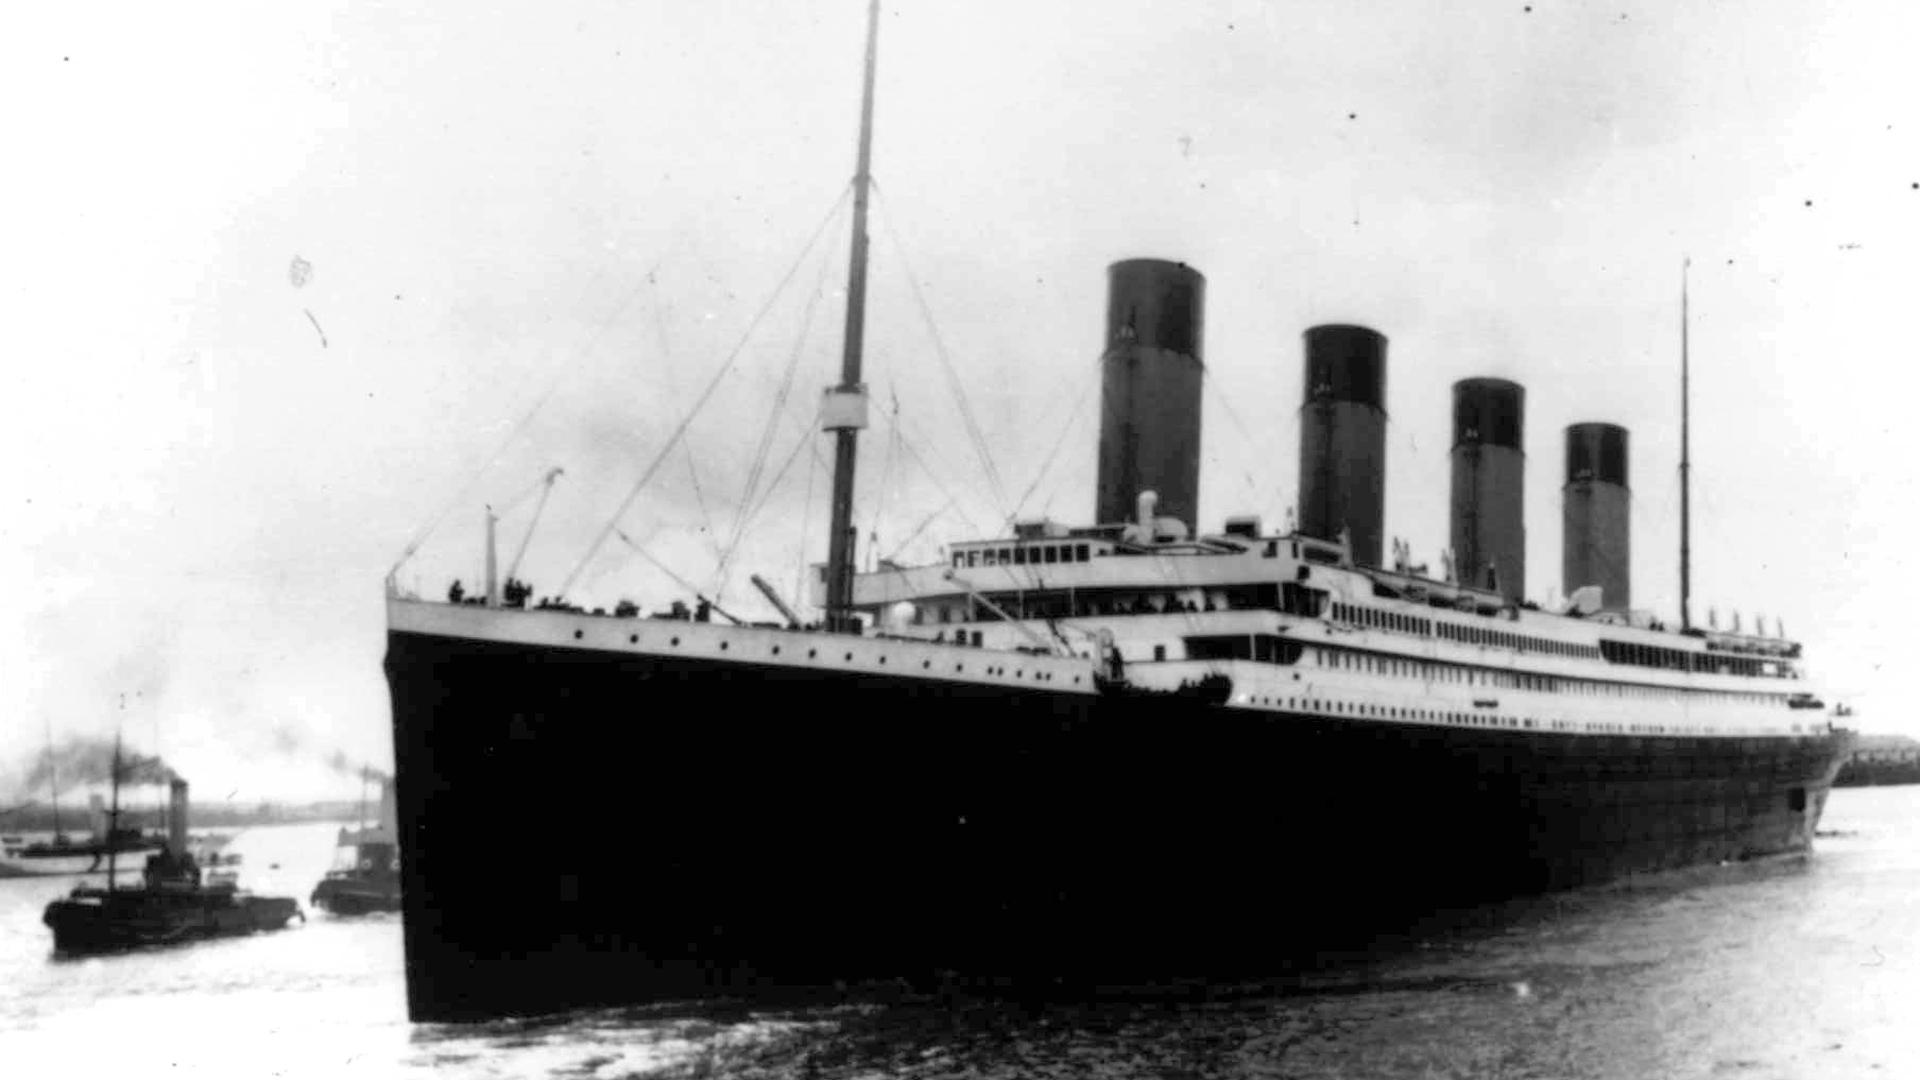 El Titanic saliendo del puerto de Southampton el 10 de abril de 1912(AP Archivo)